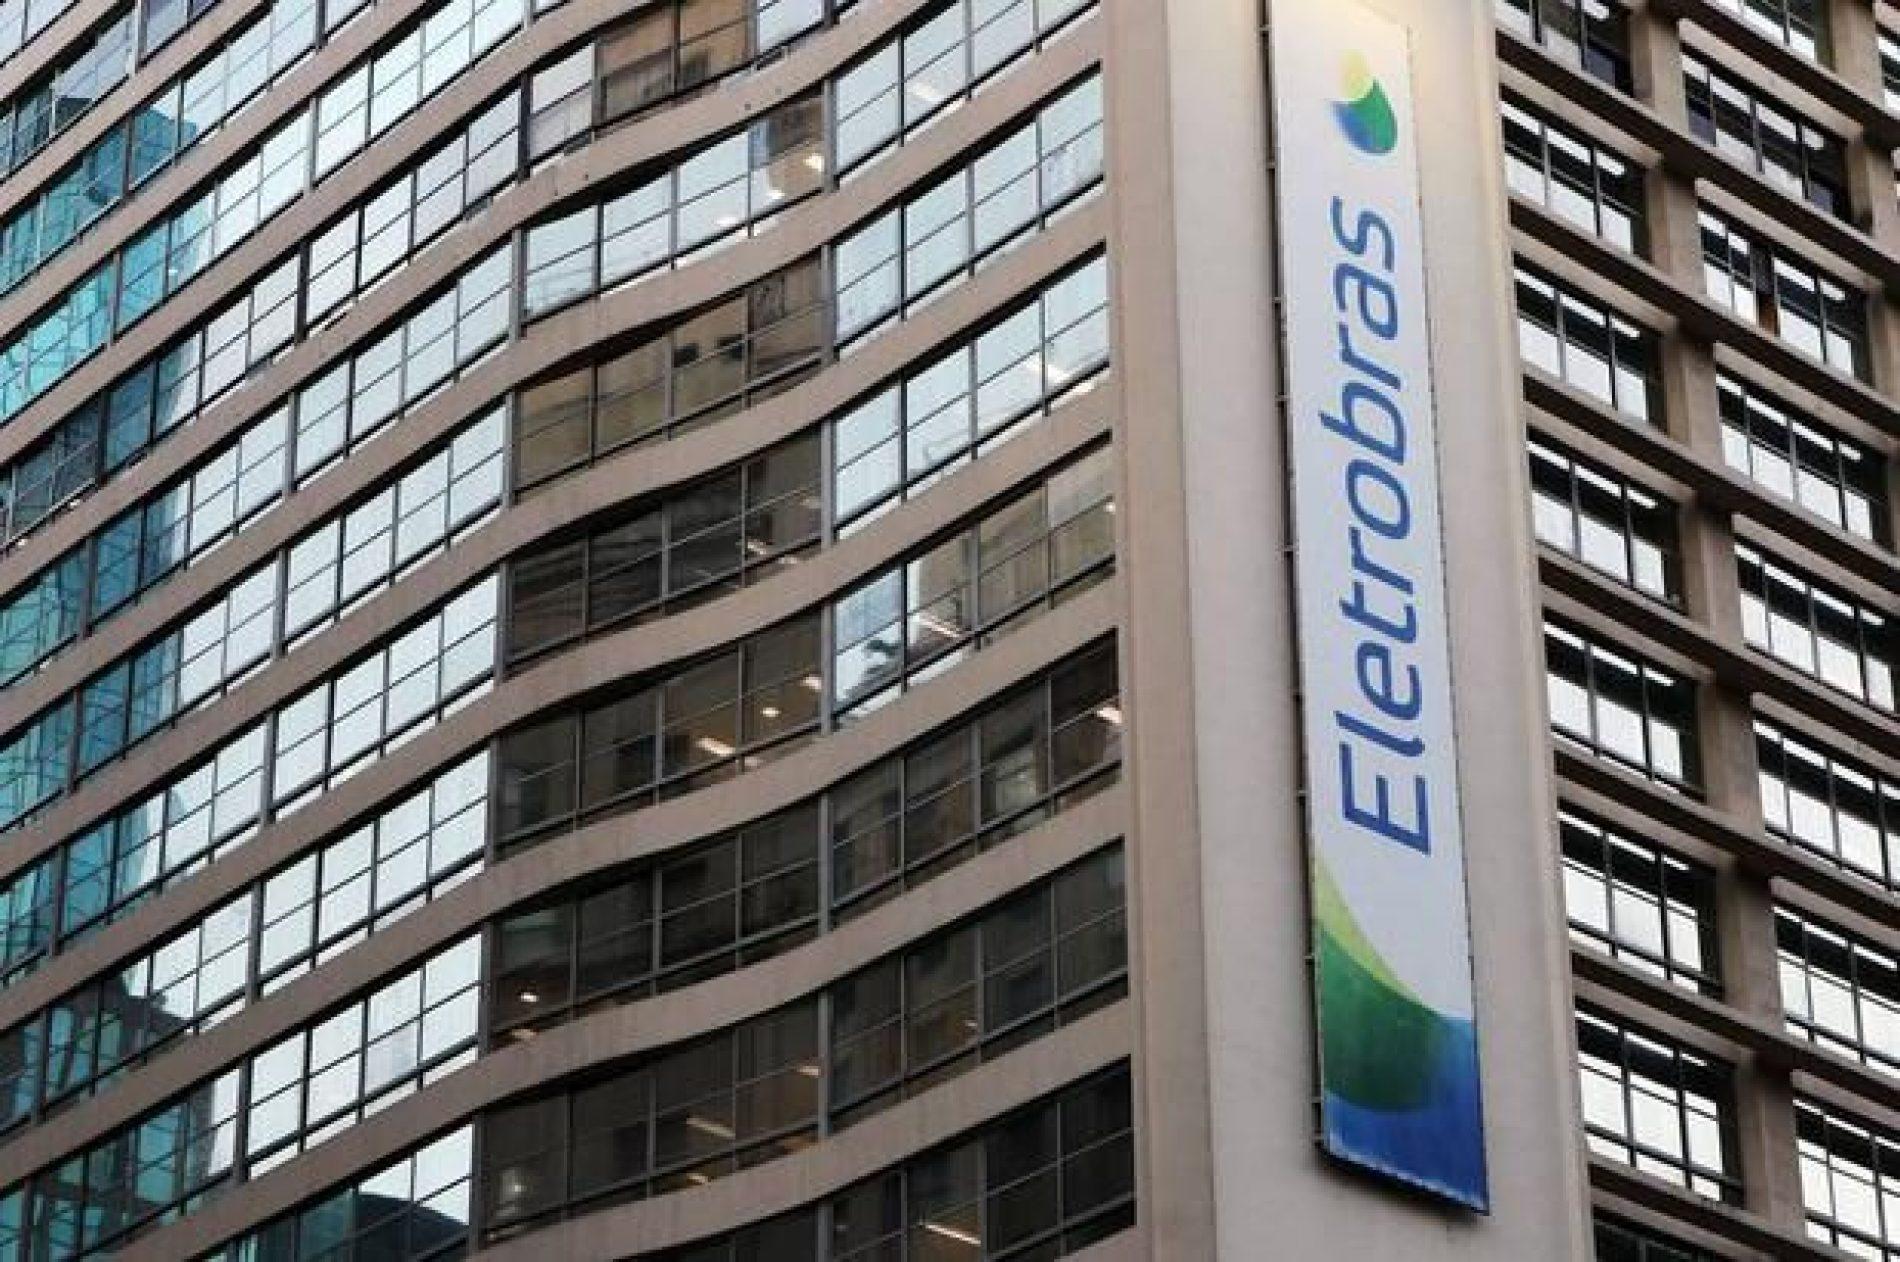 Venda de usinas da Eletrobras pode render menos de R$ 10 bilhões, diz ministro